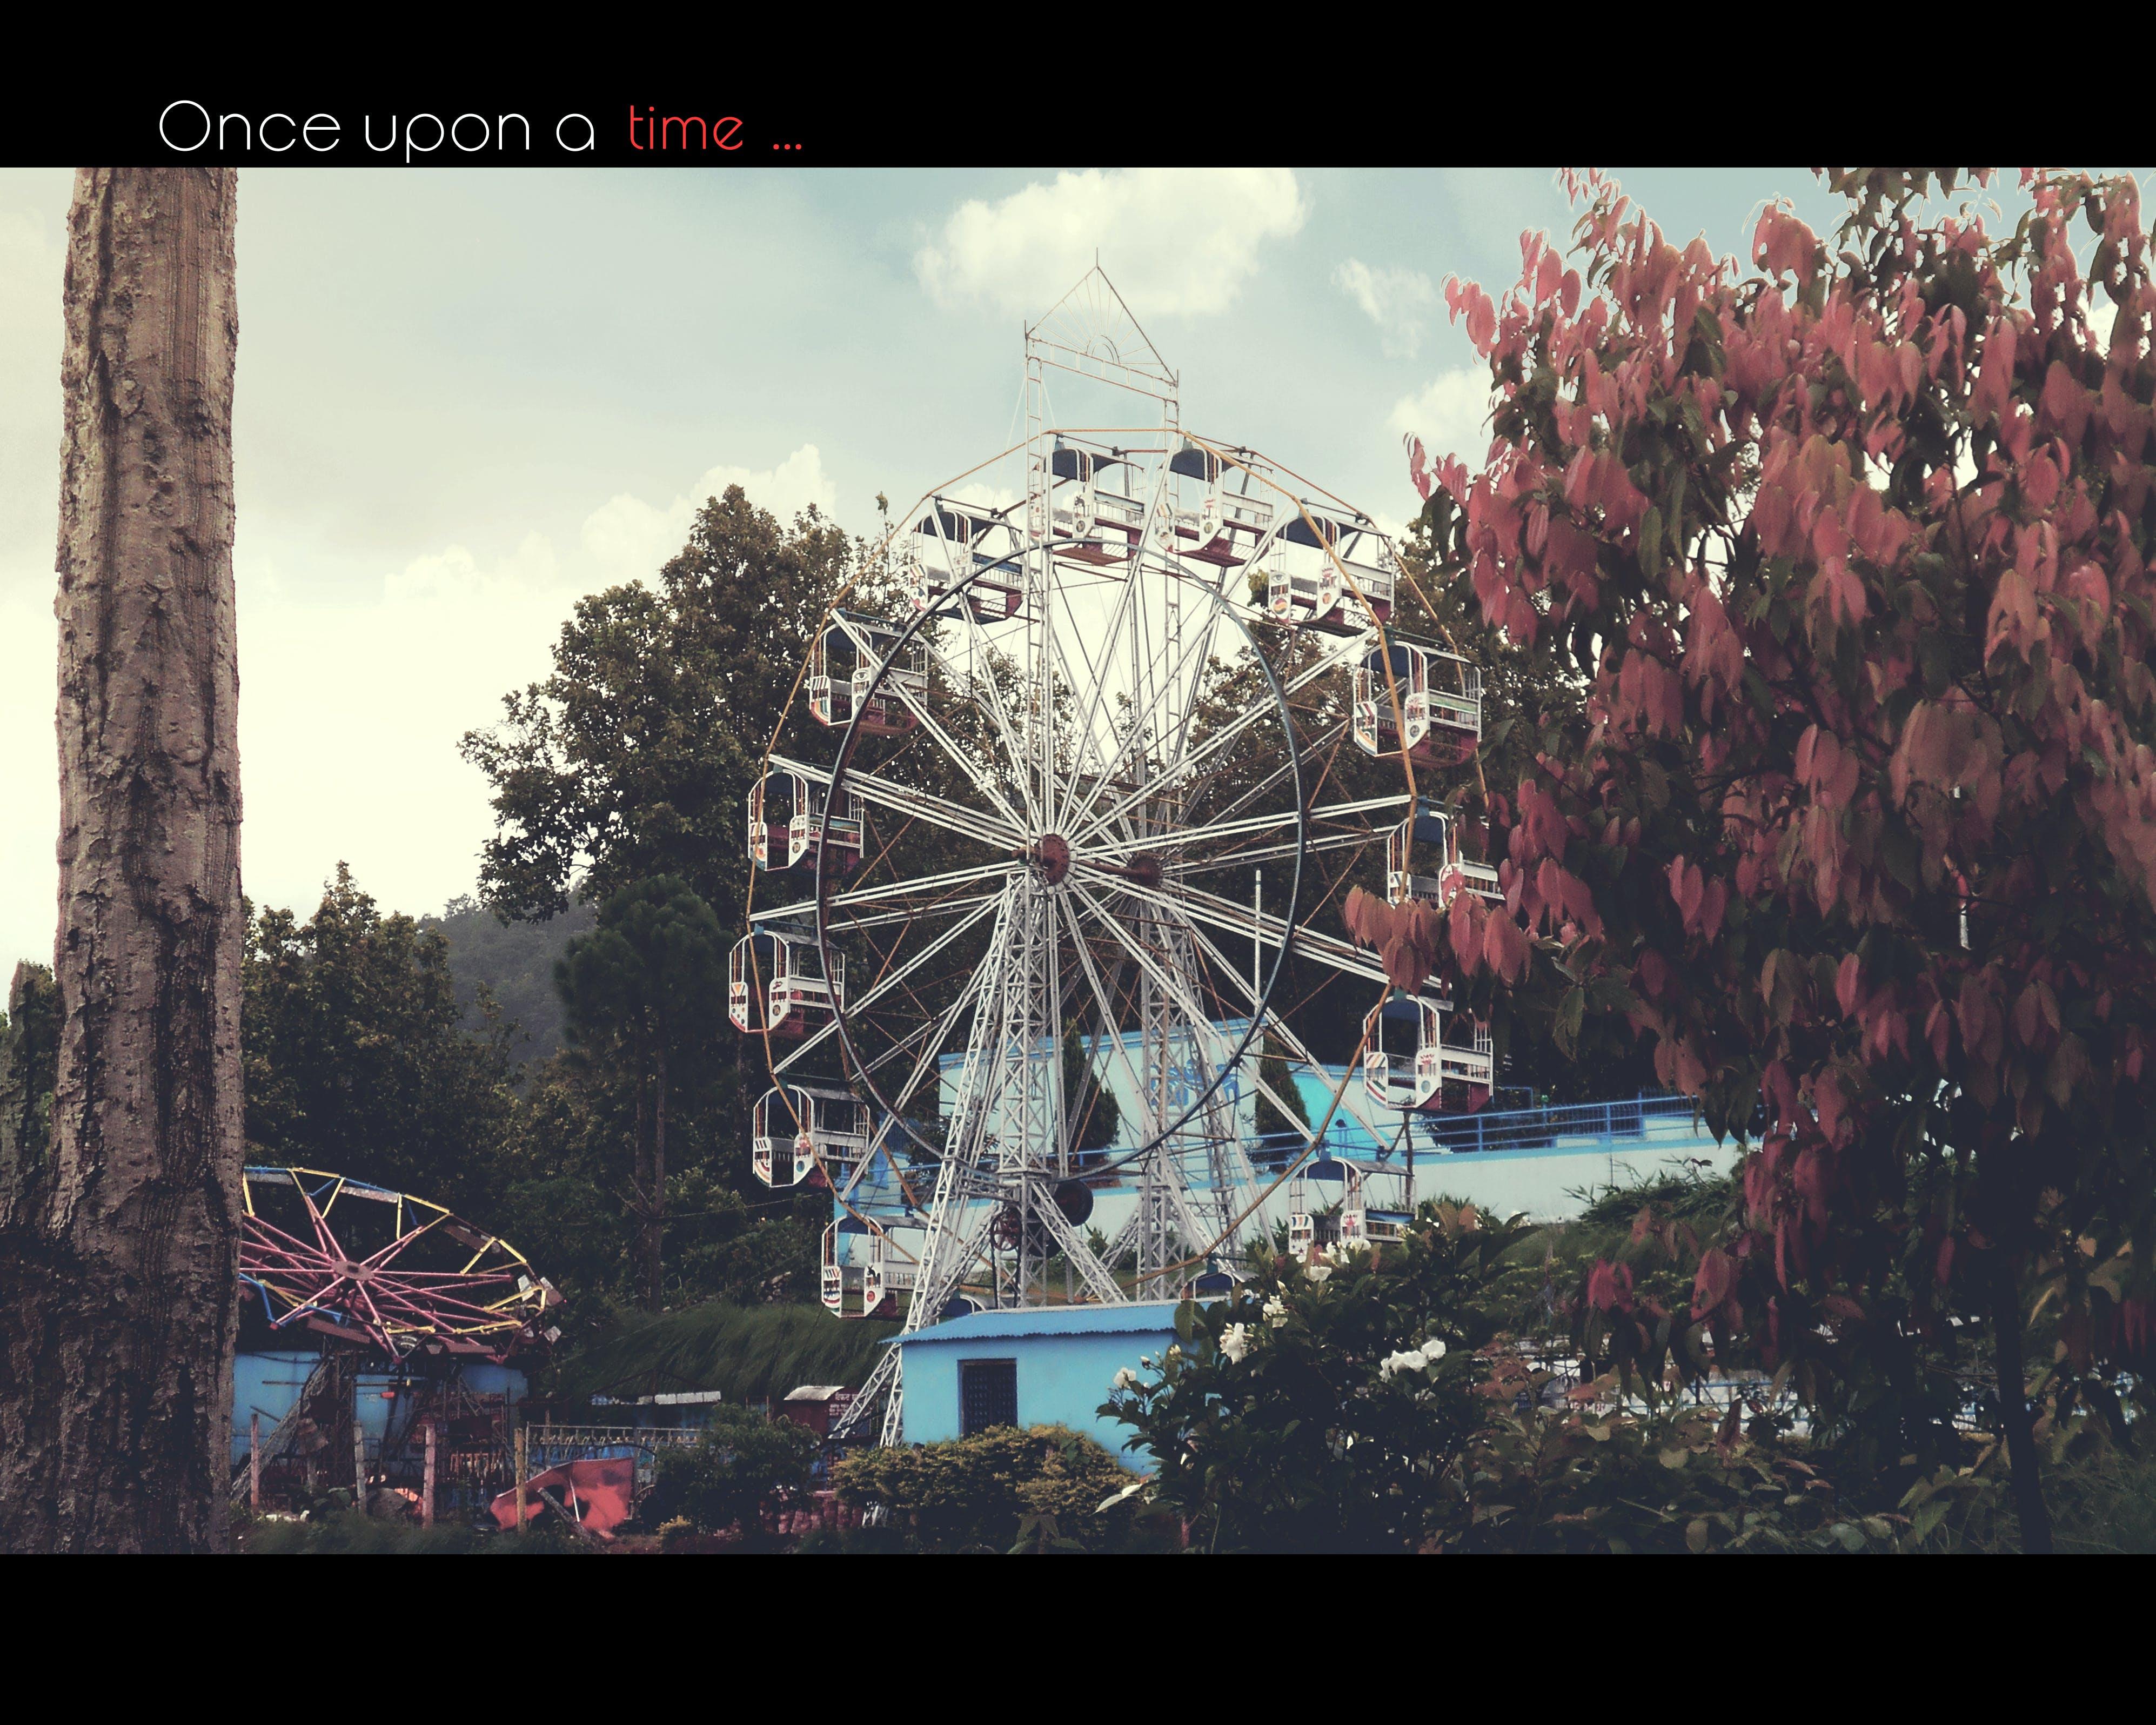 Free stock photo of autumn, fair, fare, fun fair